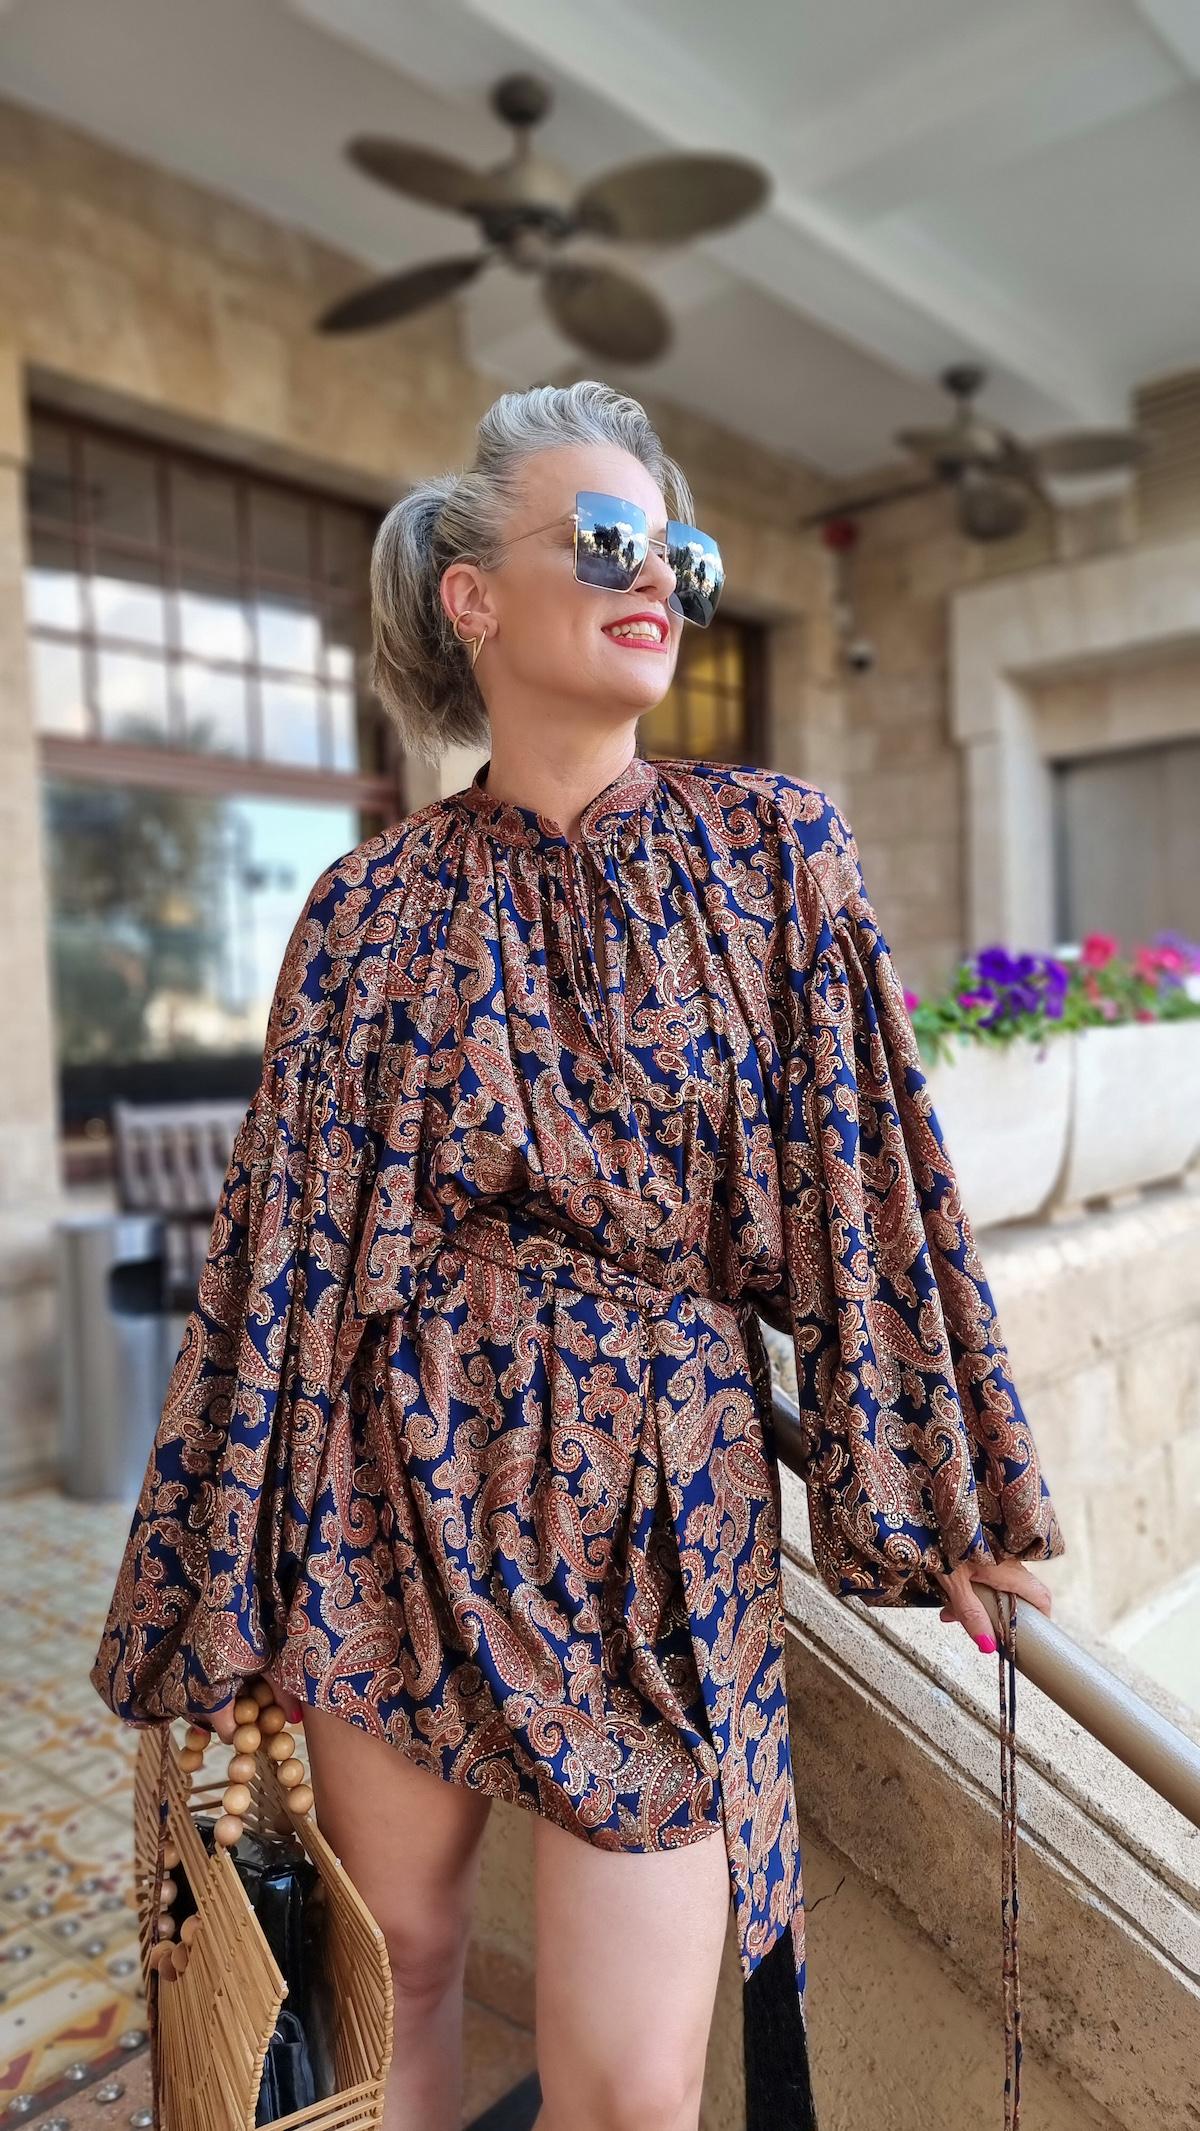 שירי ויצנר חיפאית לובשת אריאל טולדנו שמלת סולטנה עגילים רובי סטאר אתר מארק אופנה ישראלית3